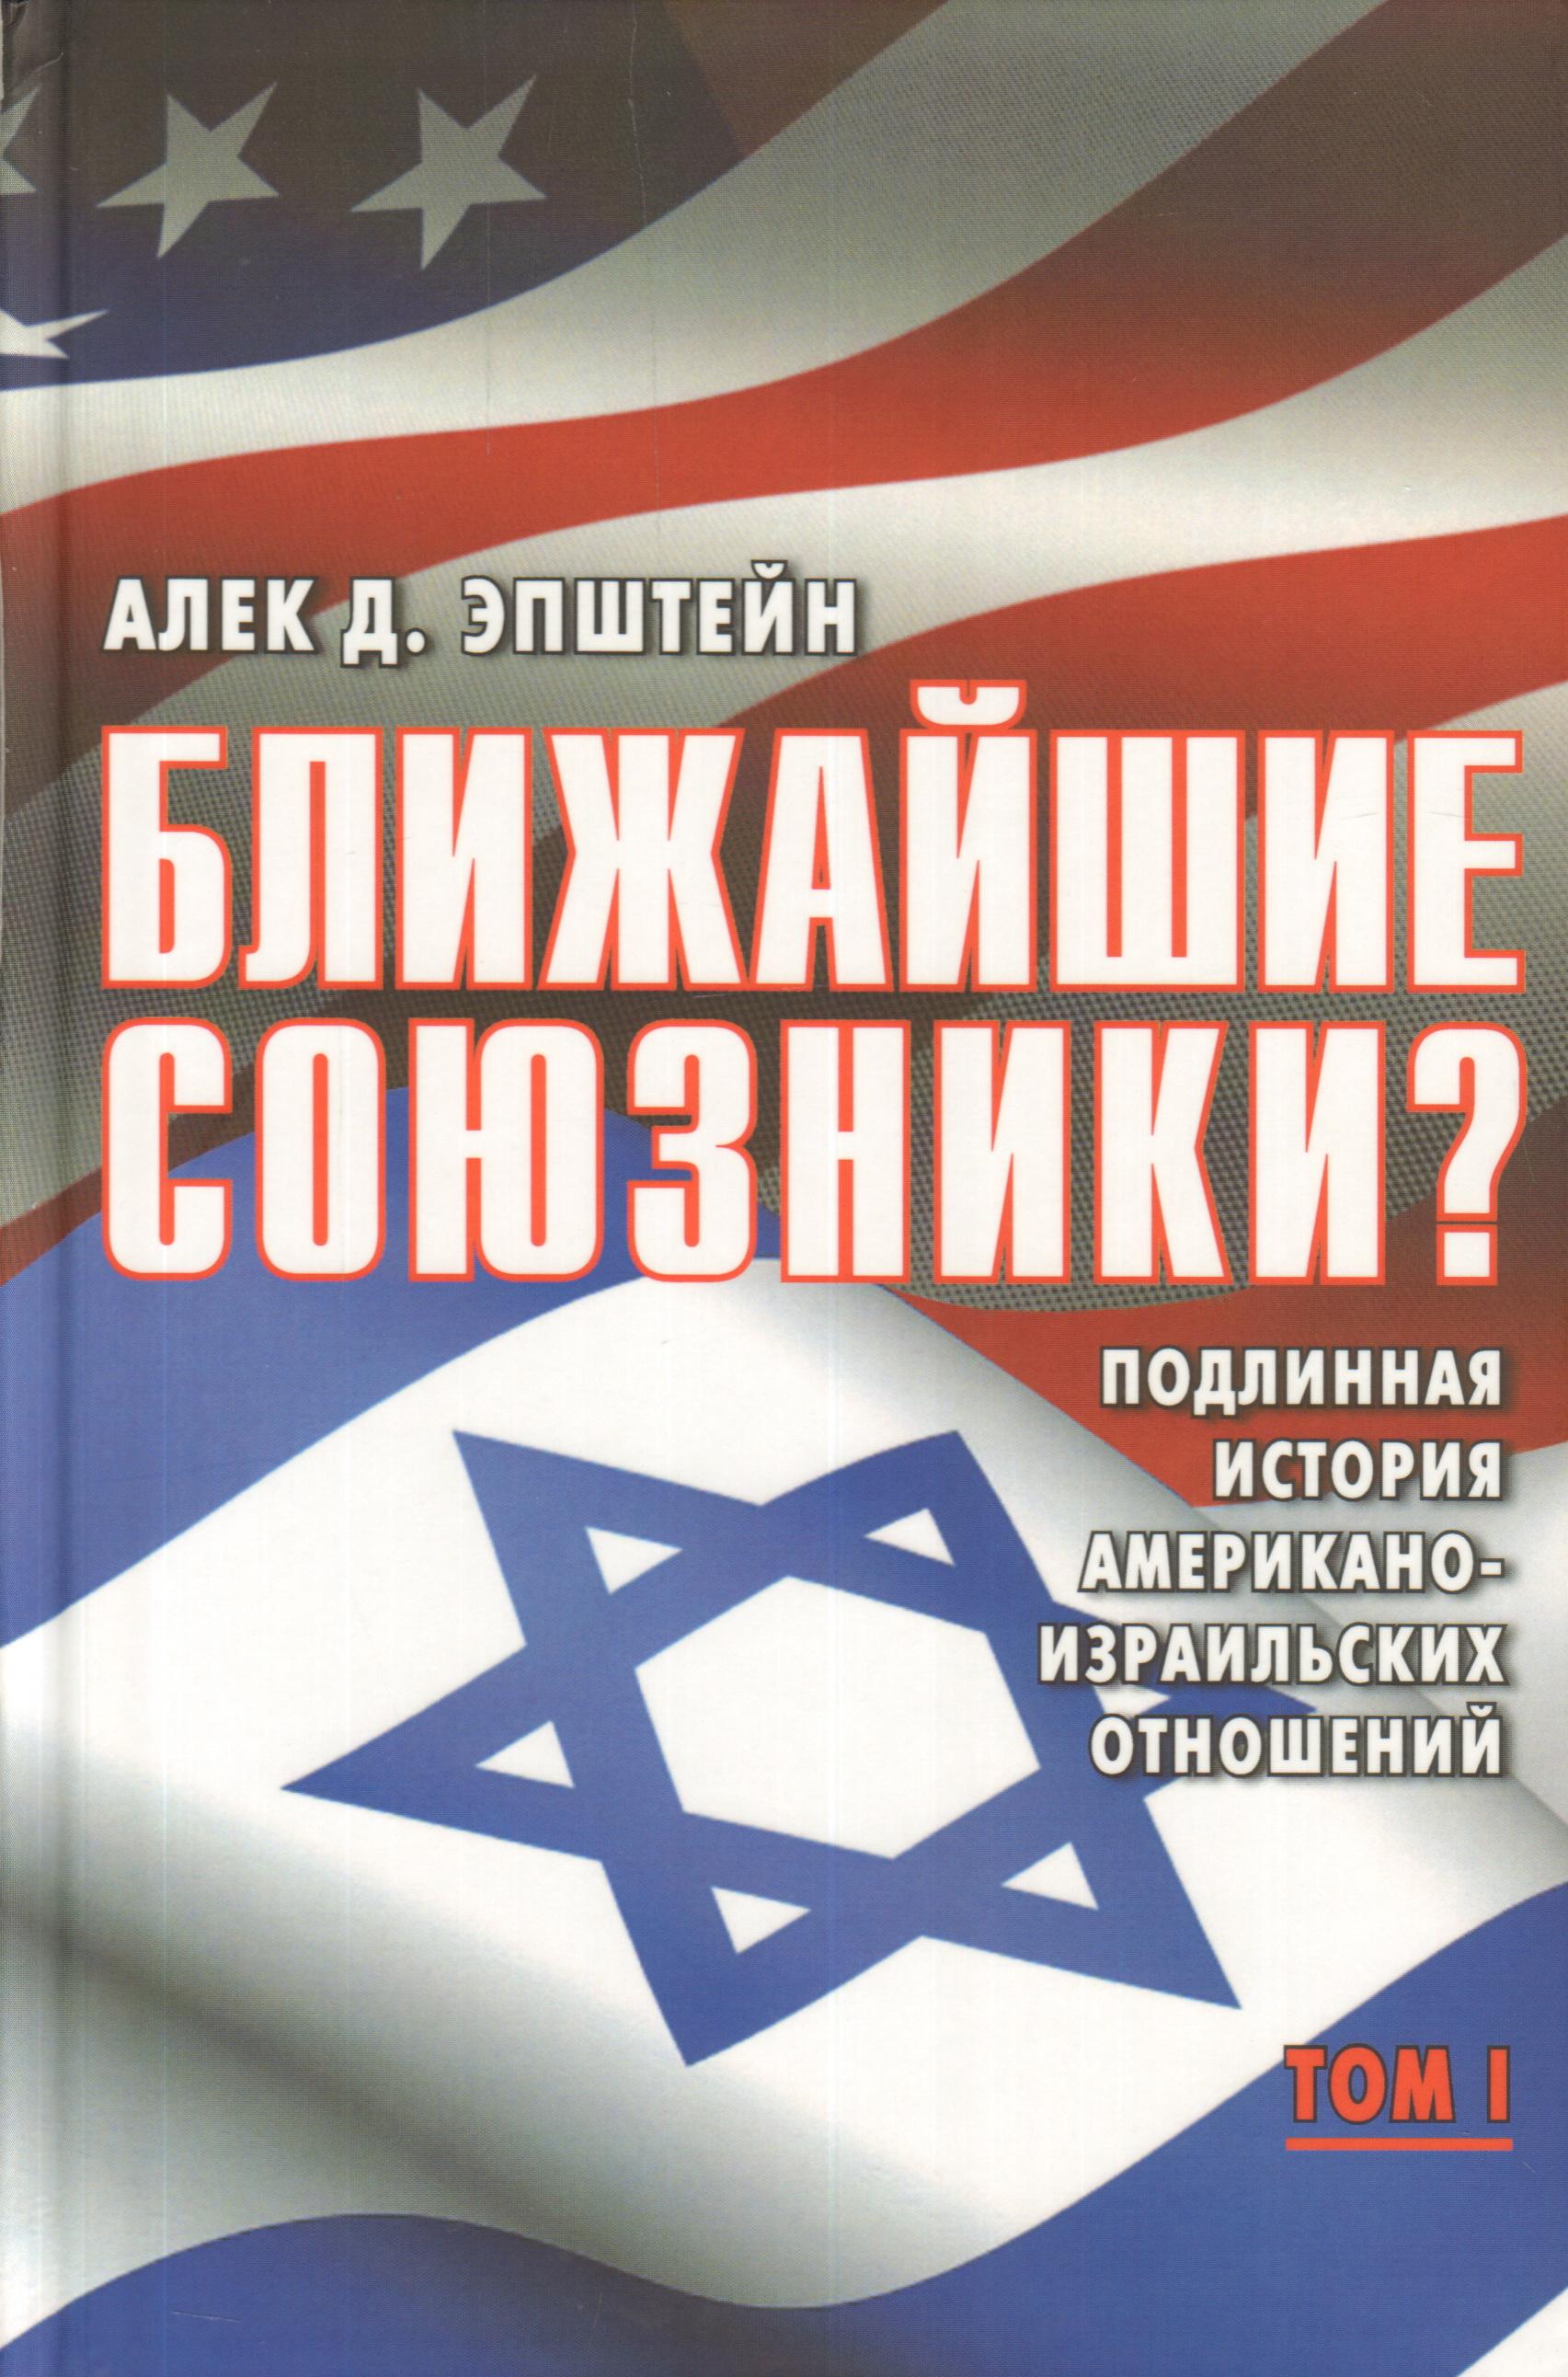 Ближайшие союзники?В 2-х тт. Подлинная история американо-израильских отношений.